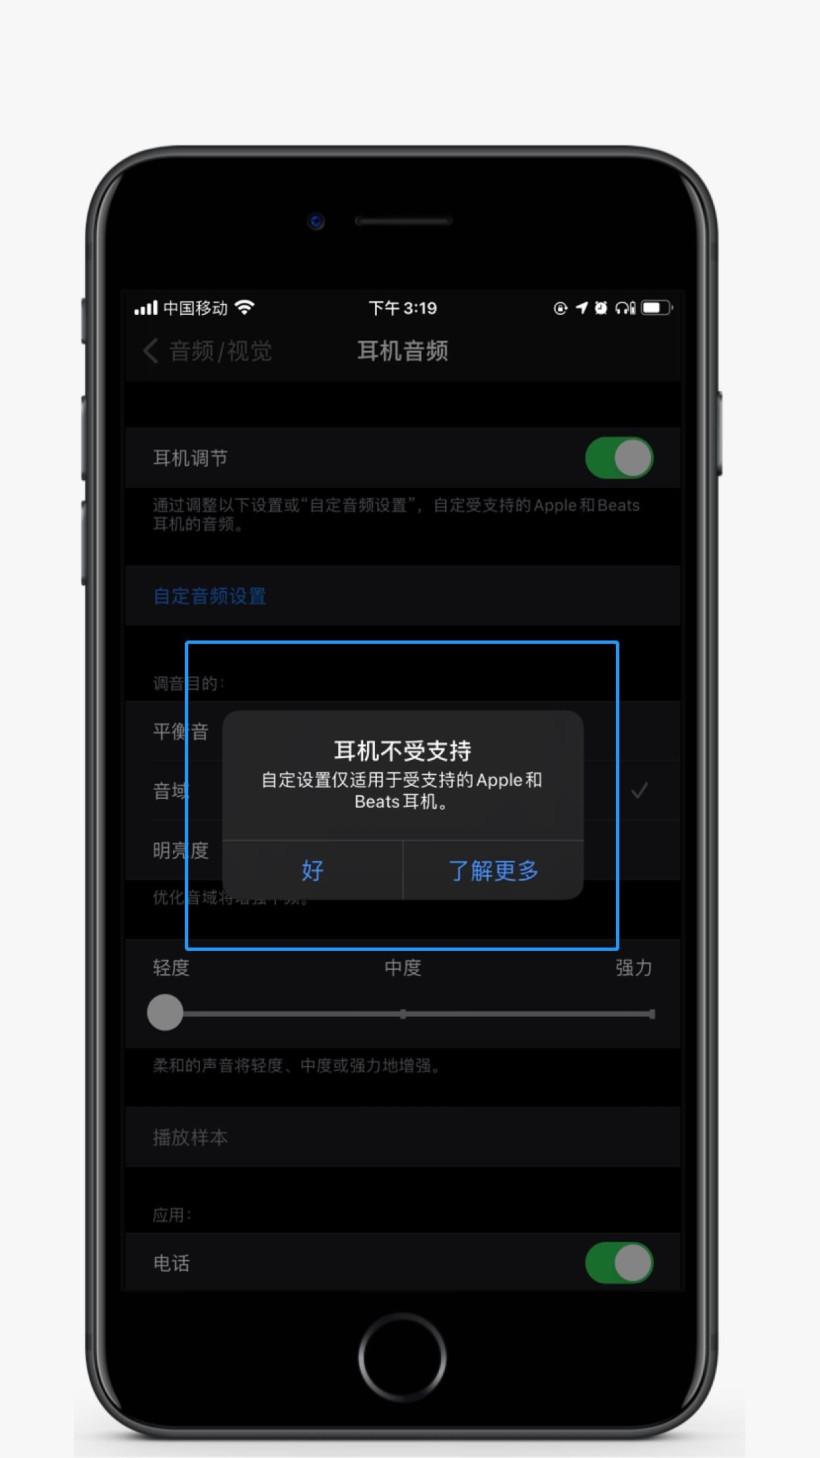 iOS 14 中的耳机调节功能有什么用?如何使用耳机调节功能?